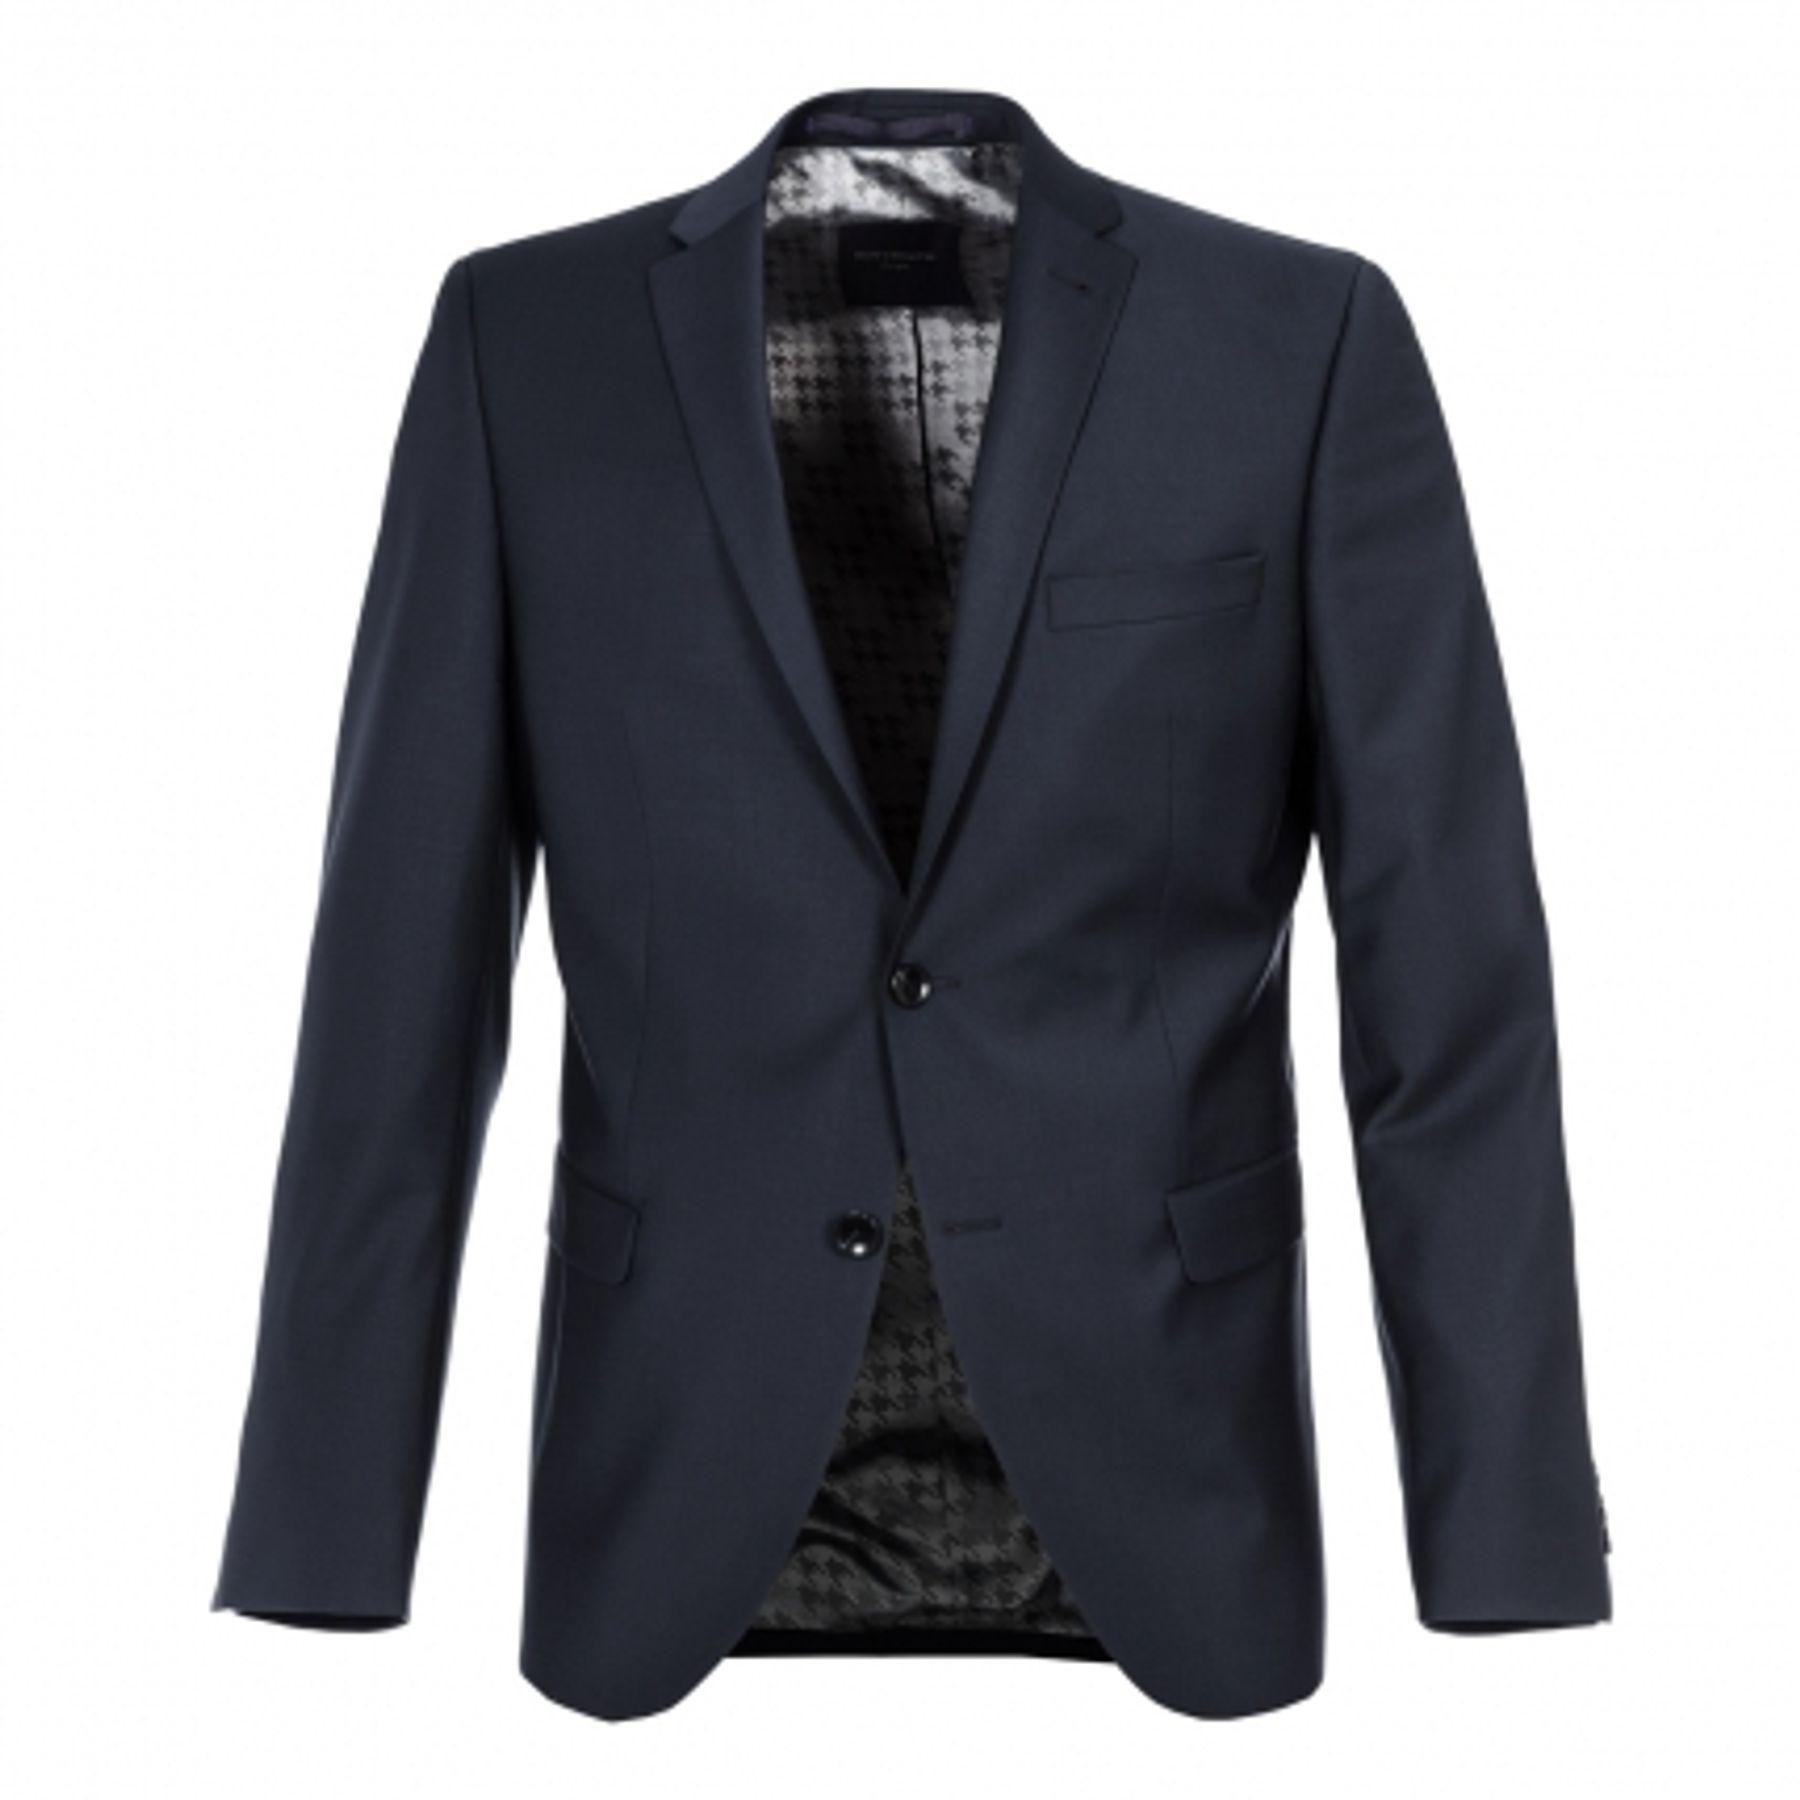 Benvenuto Purple - Slim Fit - Herren Baukasten Sakko für Jungen Trend-Anzug mit sehr schlankem Schnitt in Dunkelblau, Adrio (20657, Modell: 61370) – Bild 3